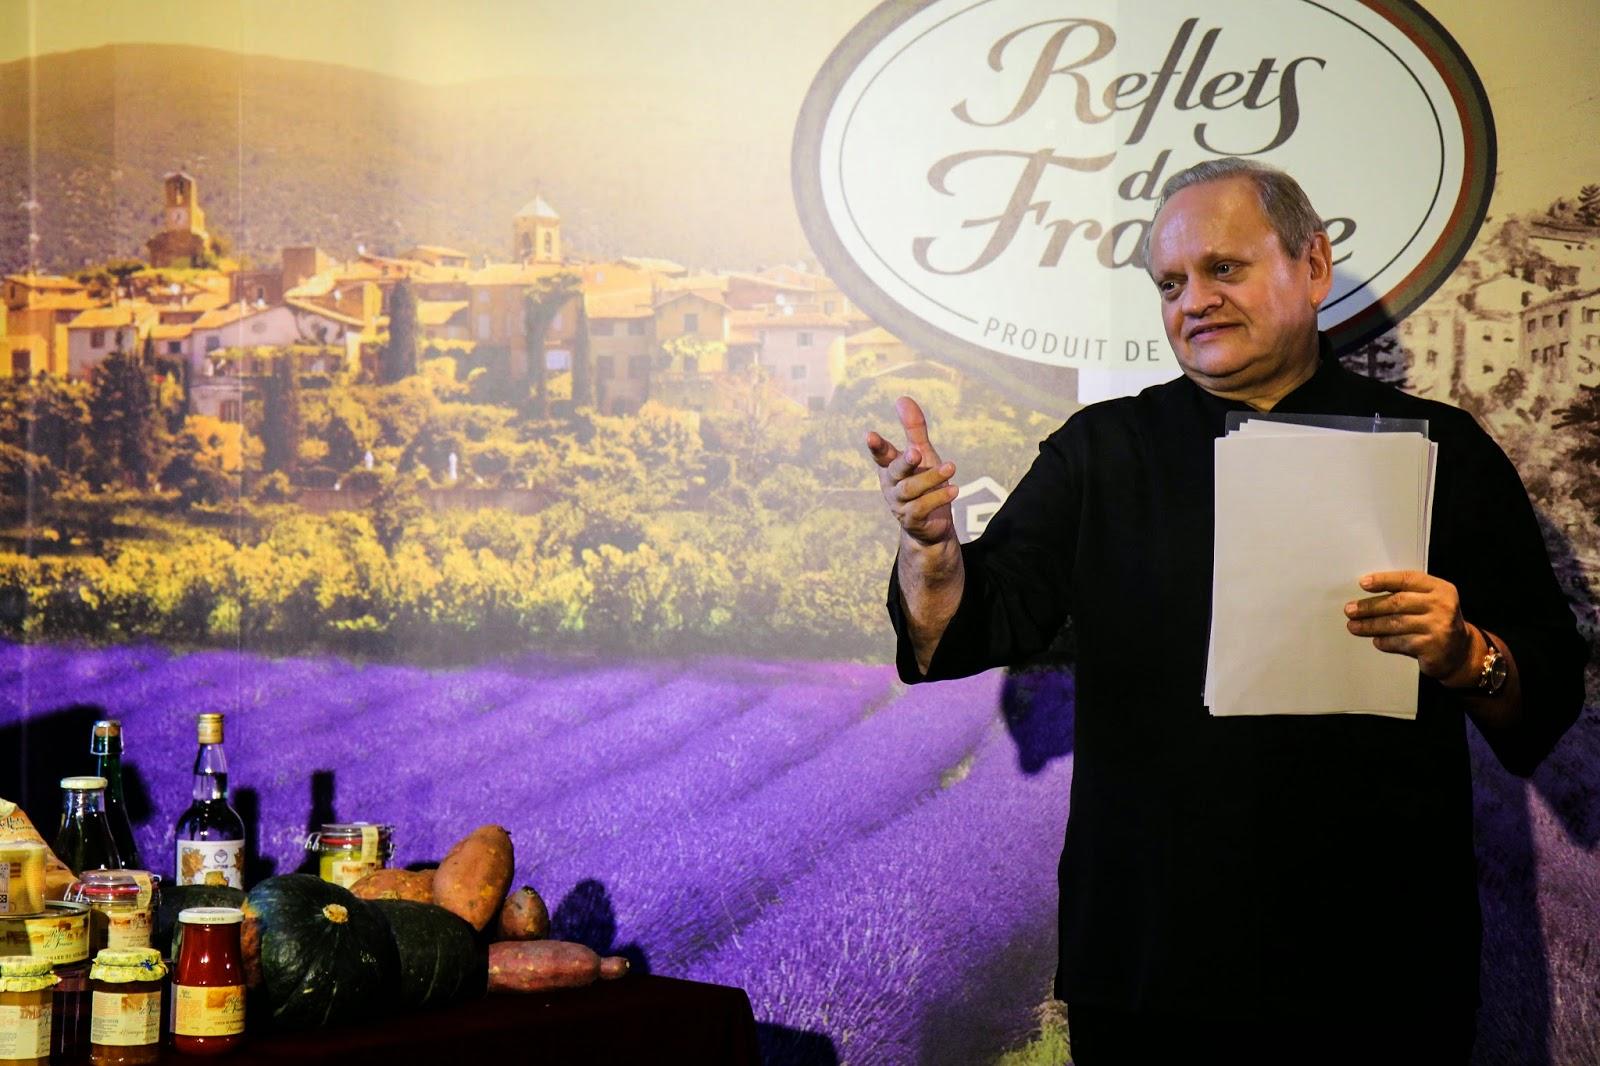 米其林星星補光:侯布雄加持的法國食品品牌禾法頌